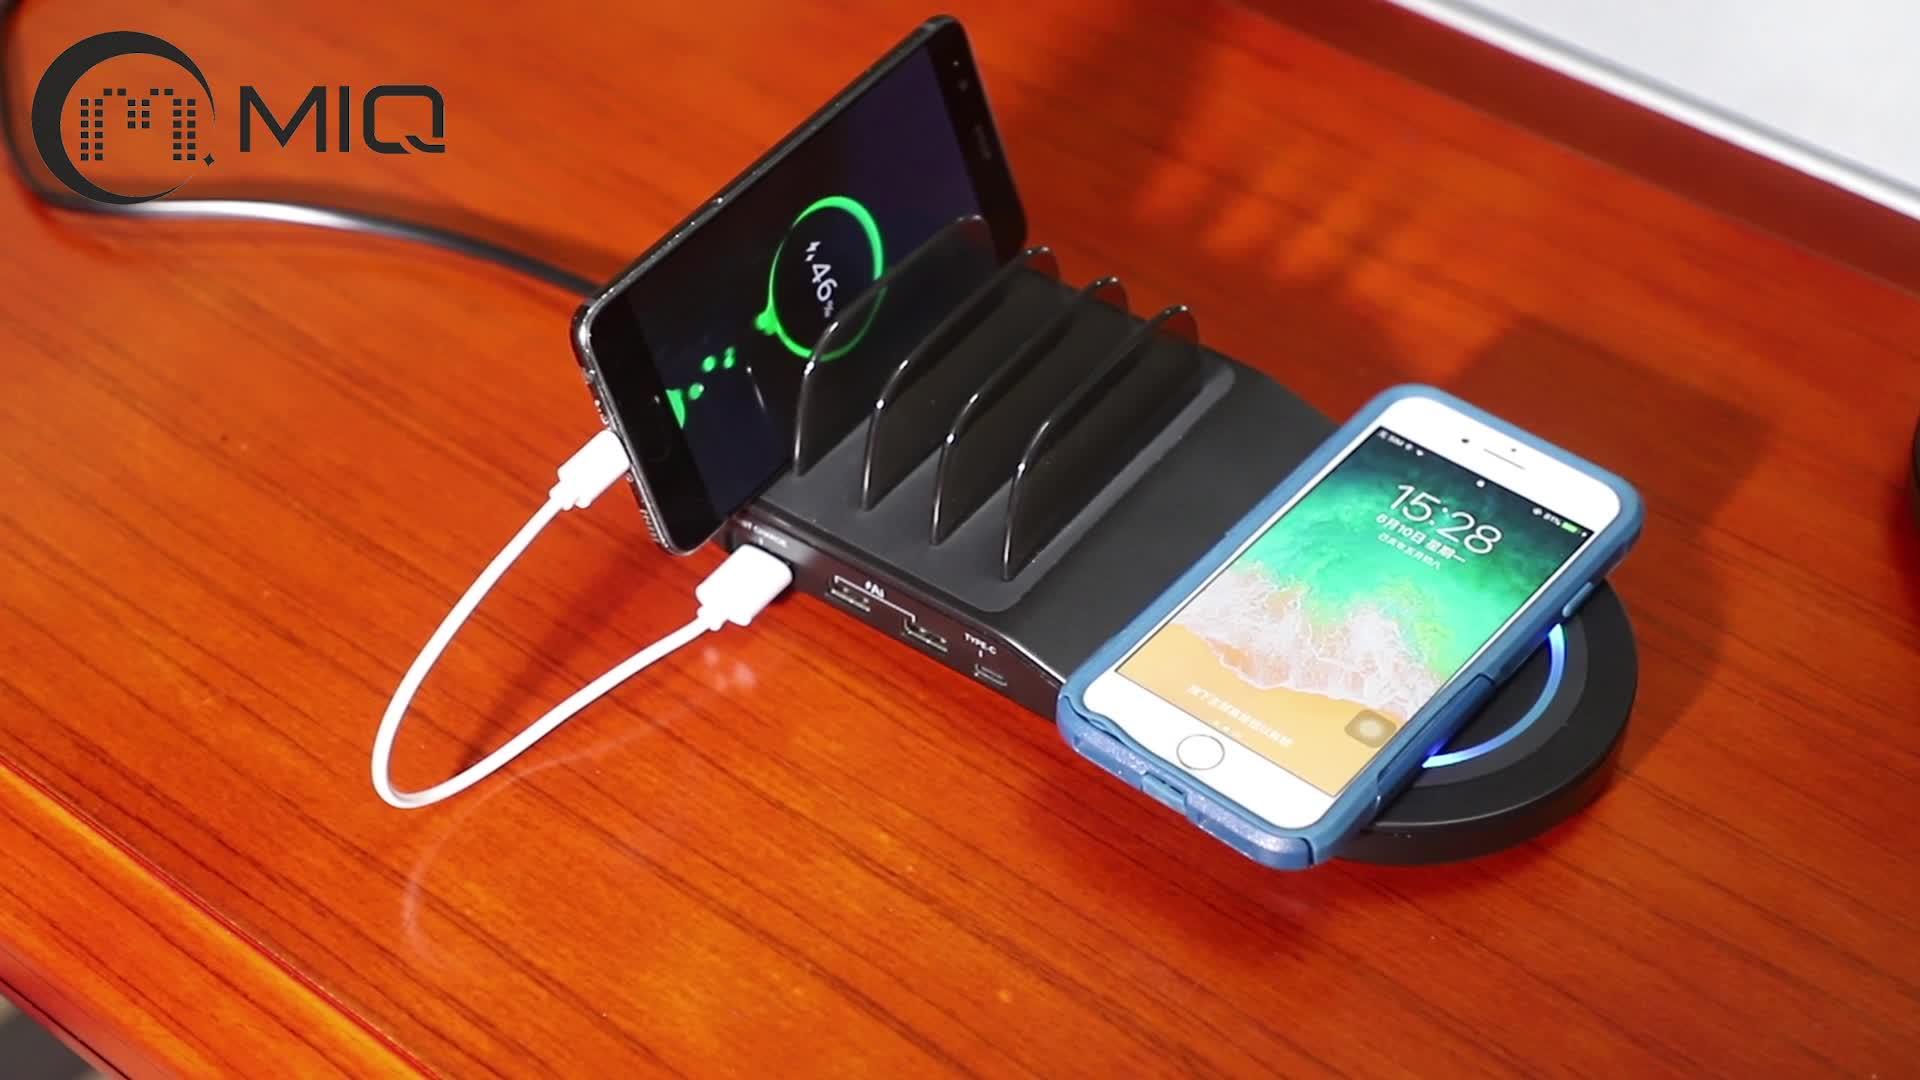 MIQ 4 USB şarj aleti, Qi kablosuz hızlı Pad şarj İstasyonu Mat 10 W Samsung telefonu için kablosuz şarj istasyonu